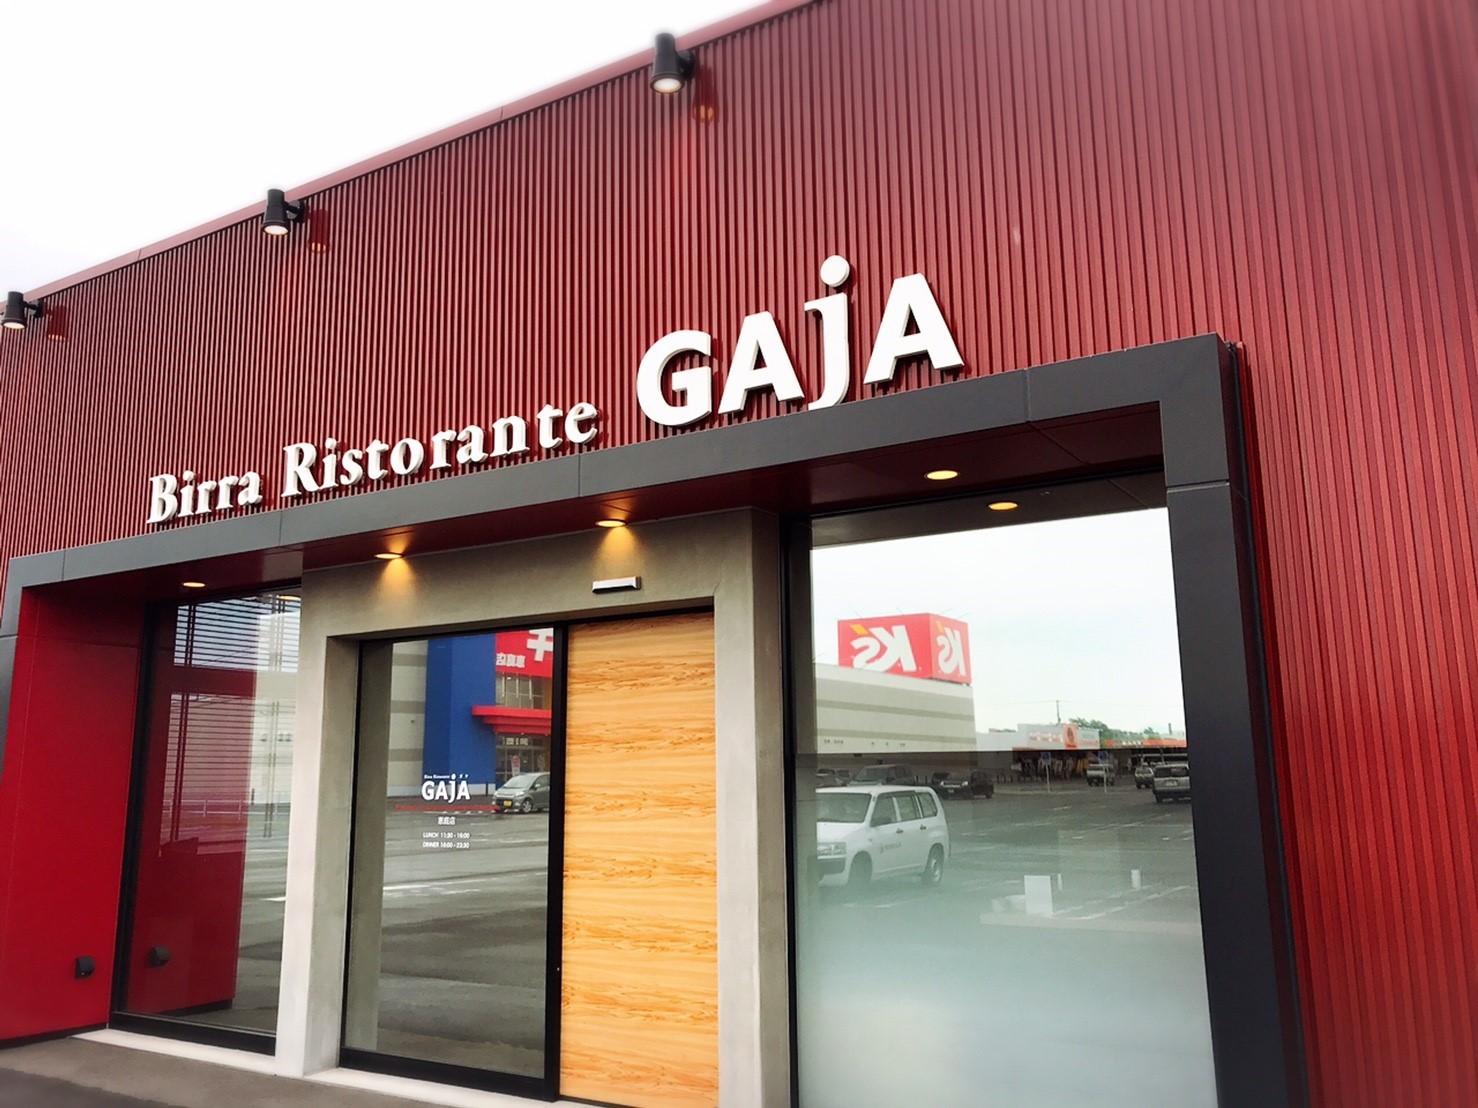 Birra Ristorante GAJA/恵庭市_c0378174_15074796.jpg